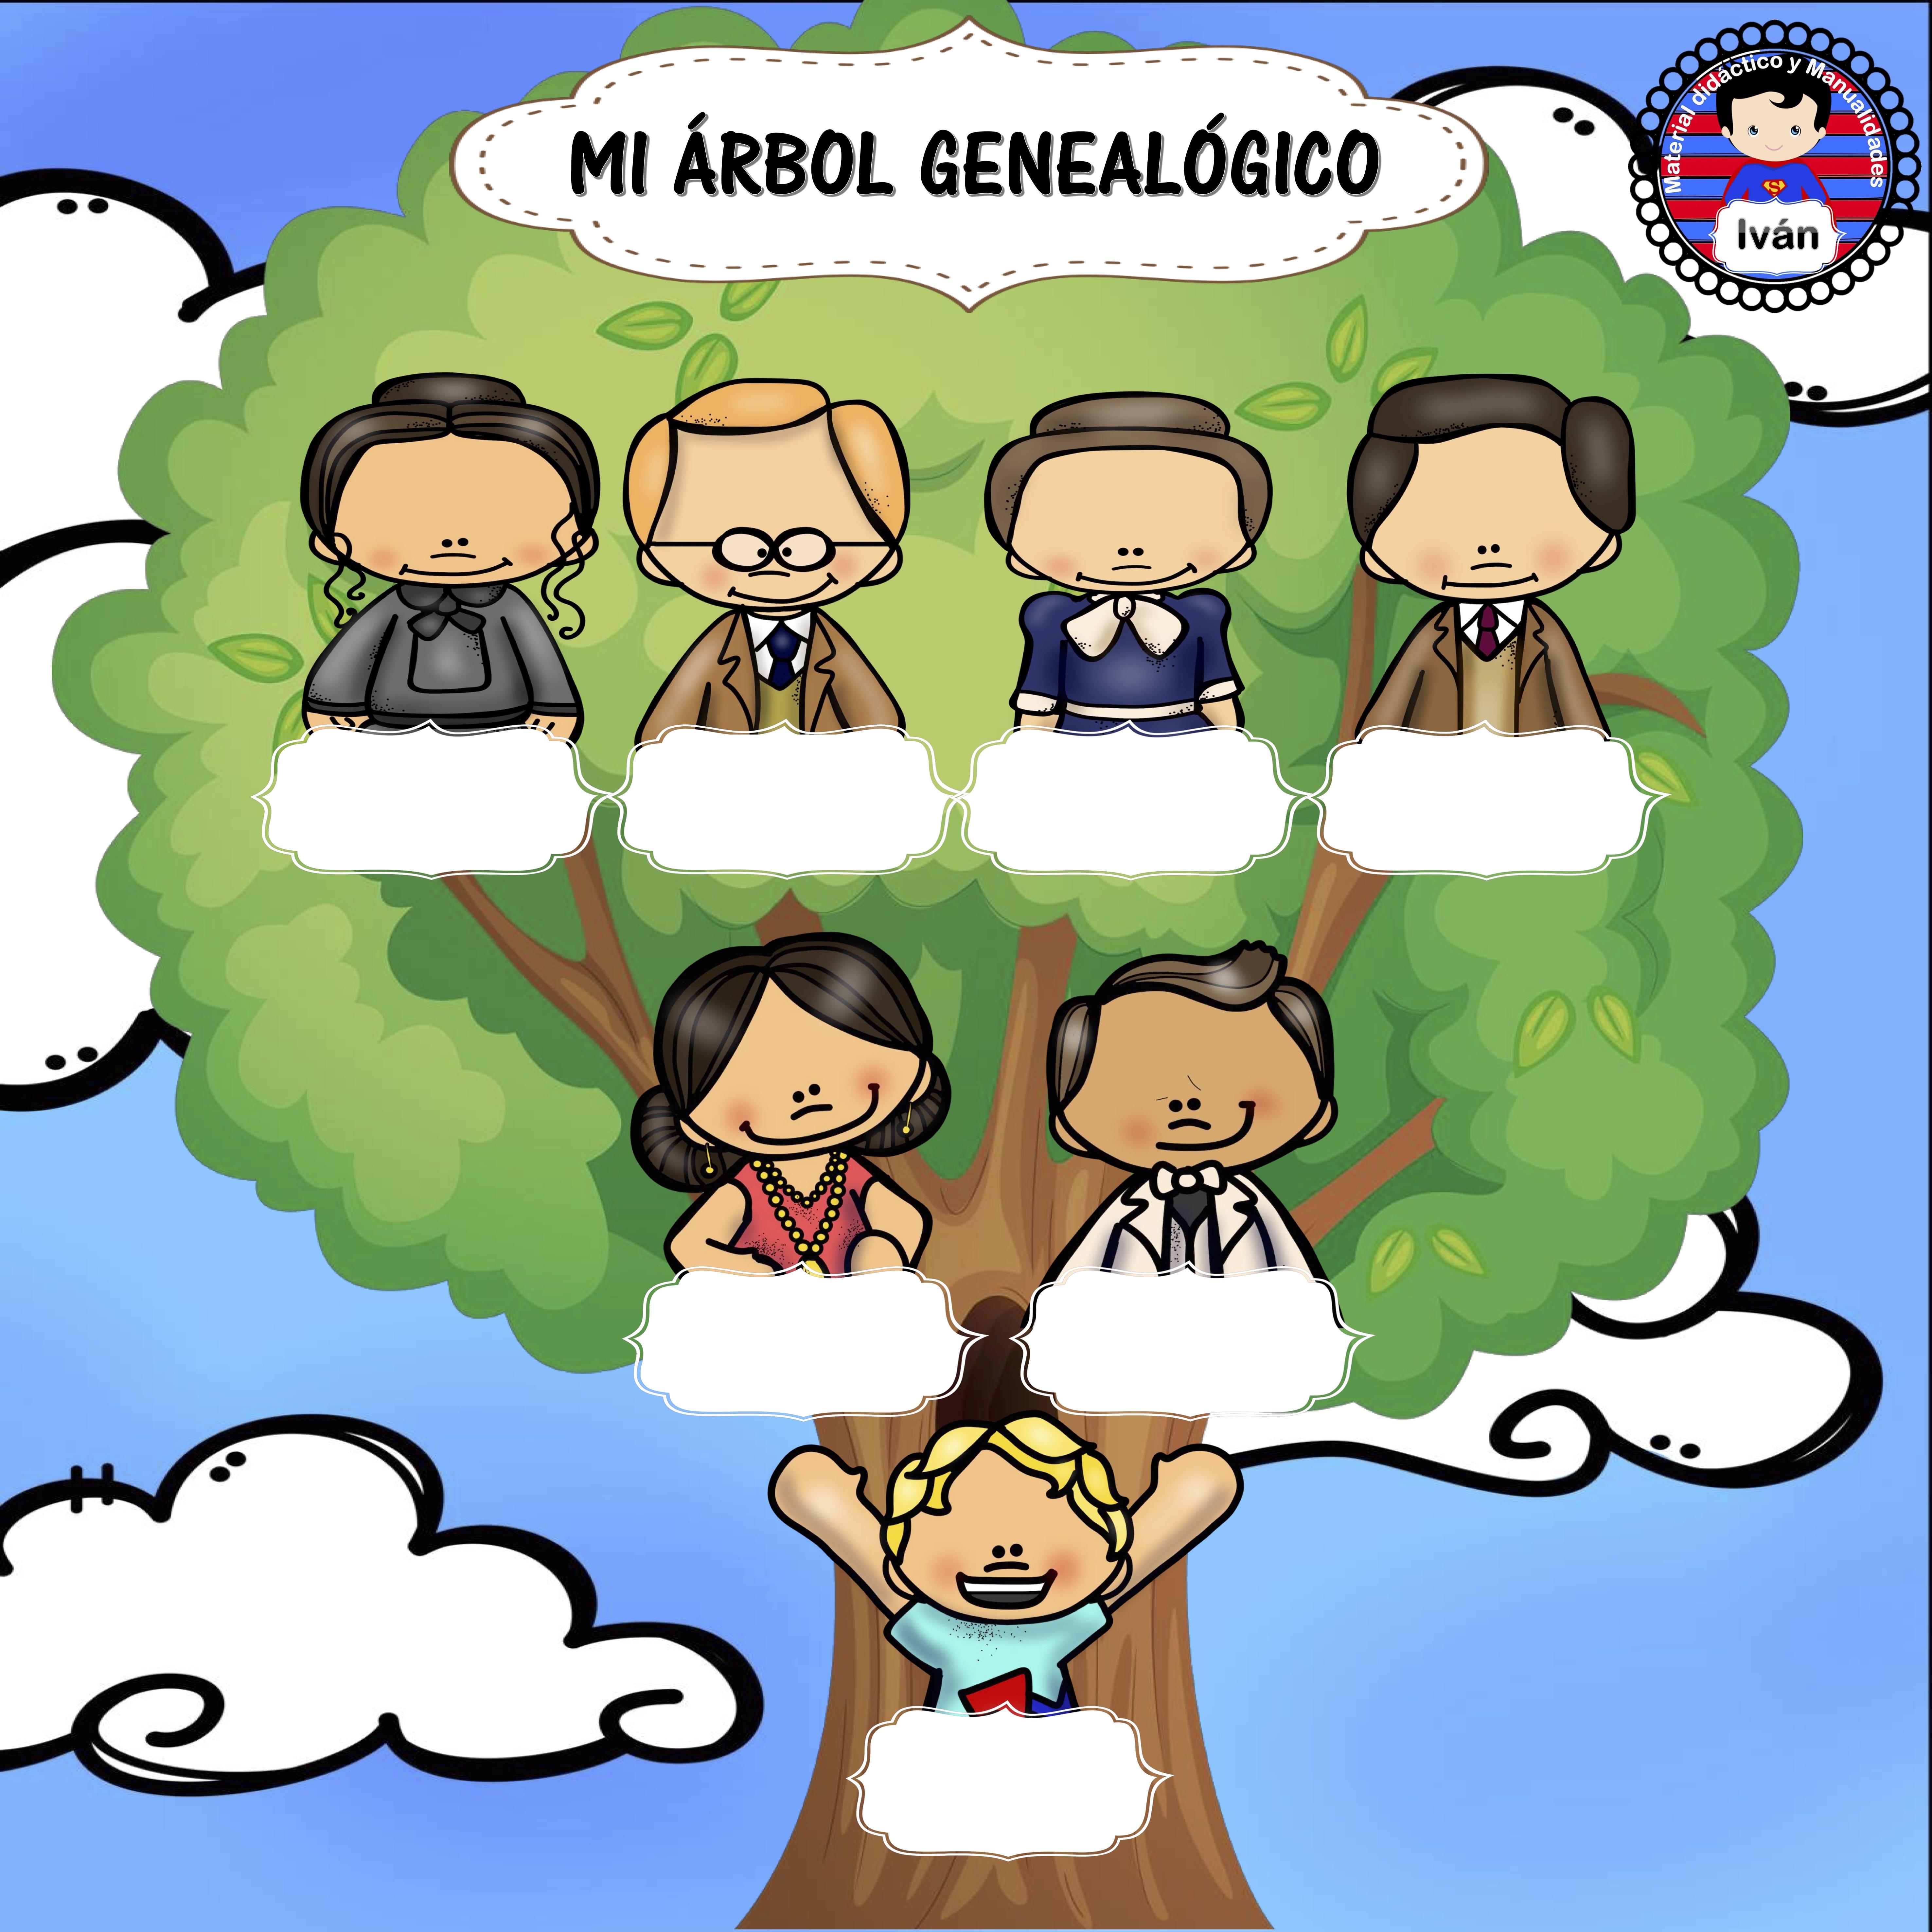 mi arbol genealogico para rellenar orientaci n and jar